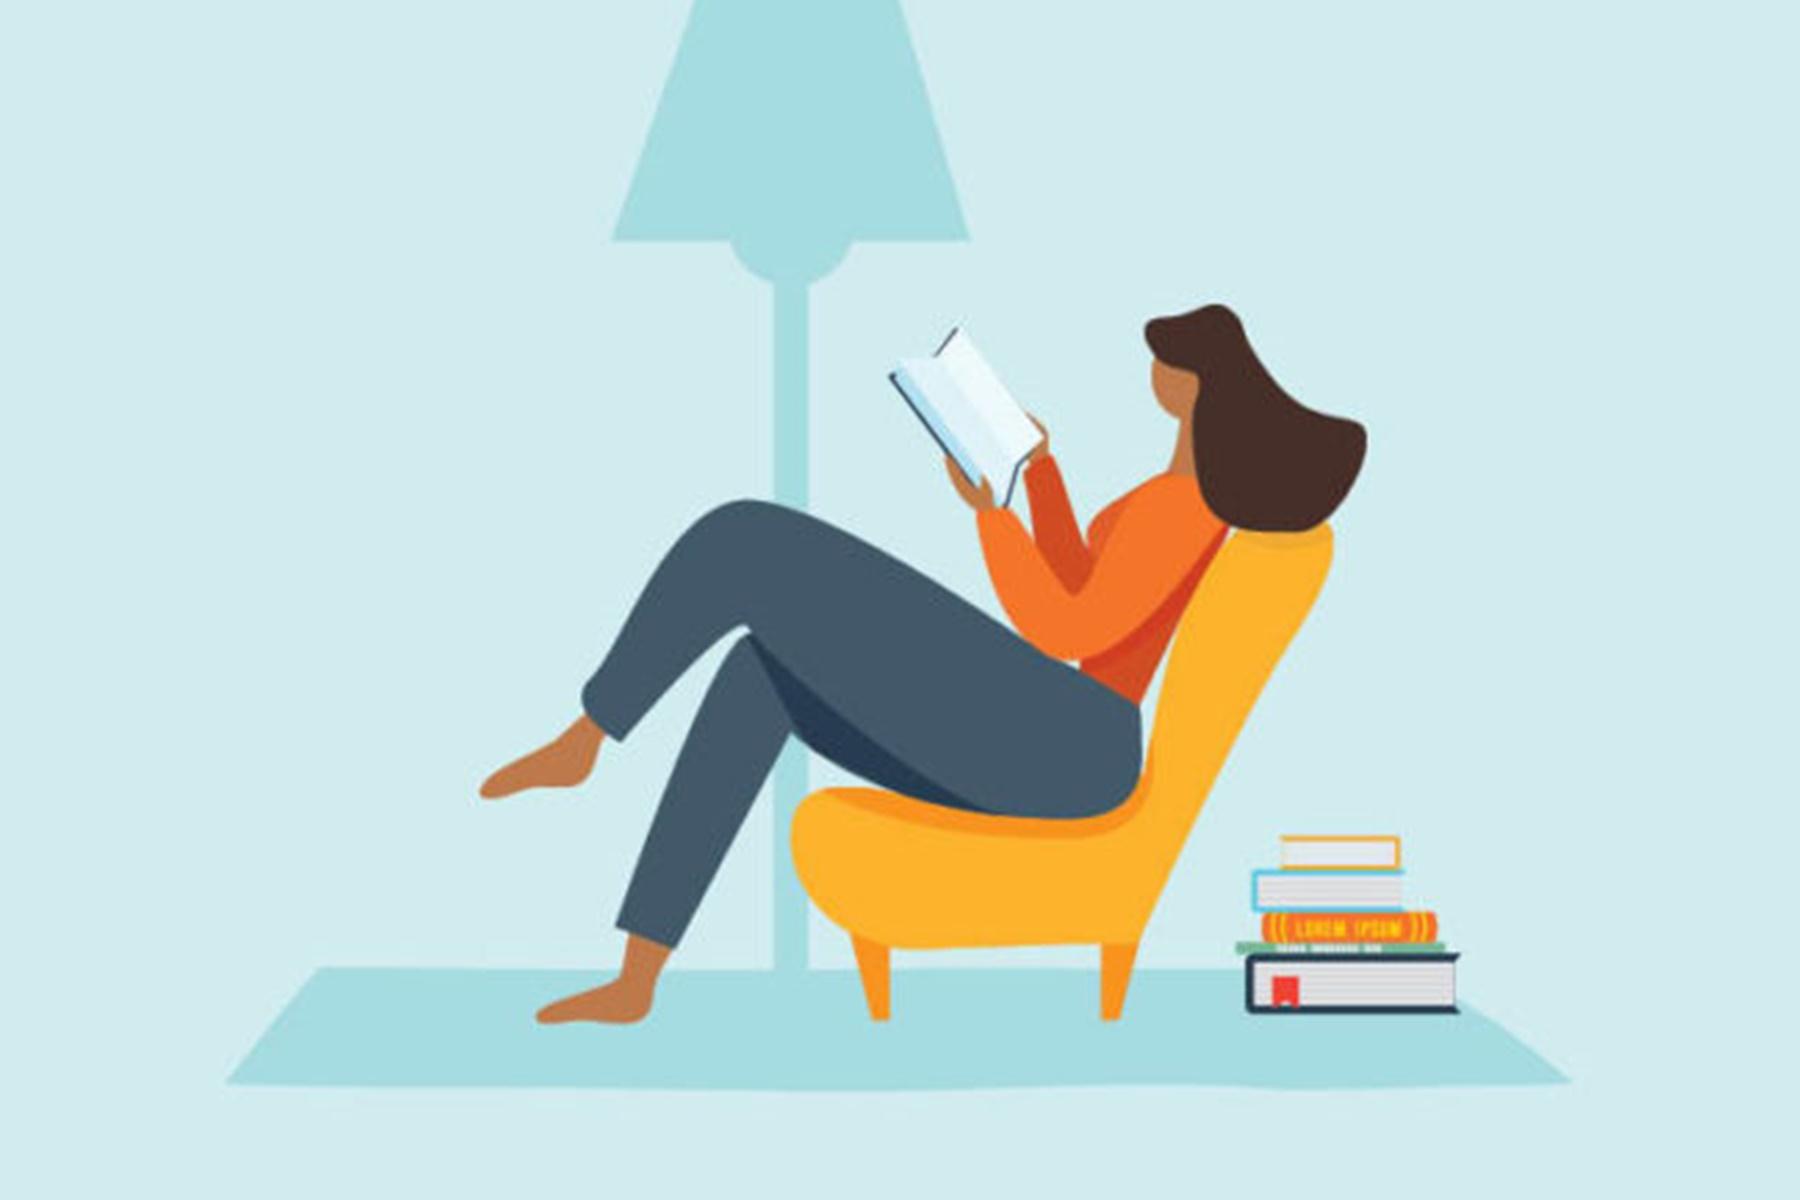 Αυτοφροντίδα : Στρατηγικές για να την εντάξεις στην ζωή σου